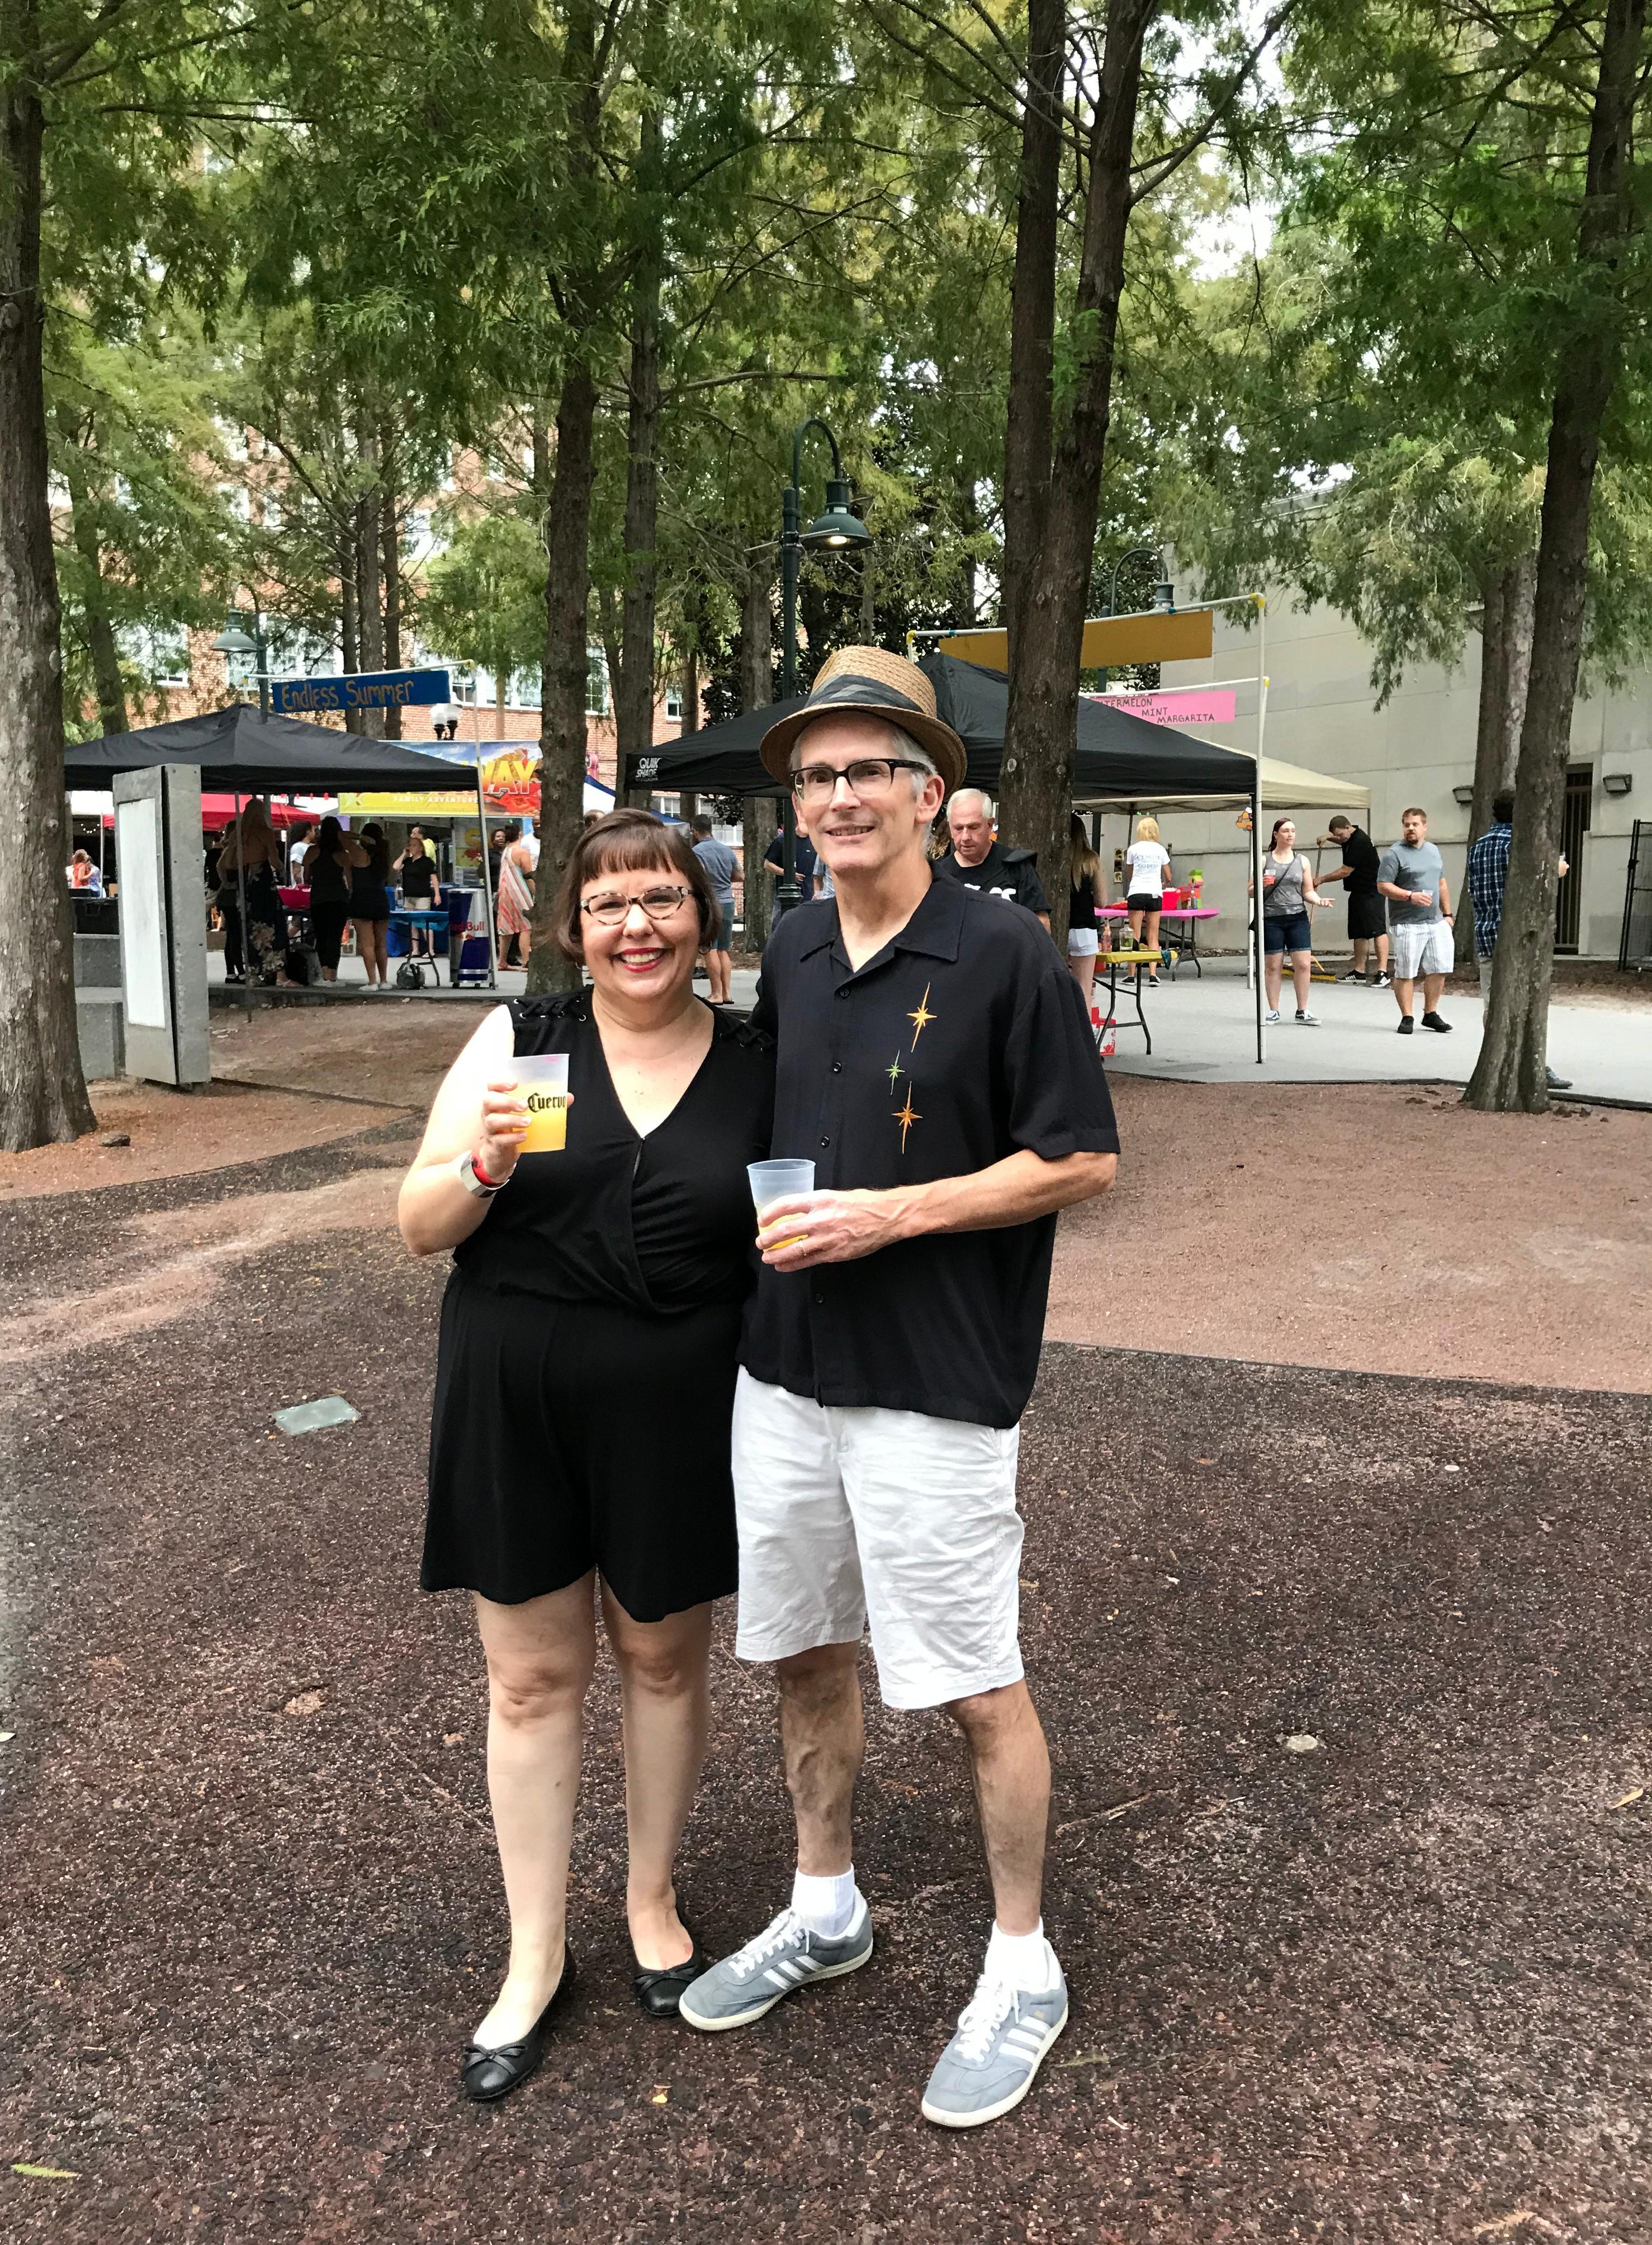 Dan and Sandra at MargaritaFest